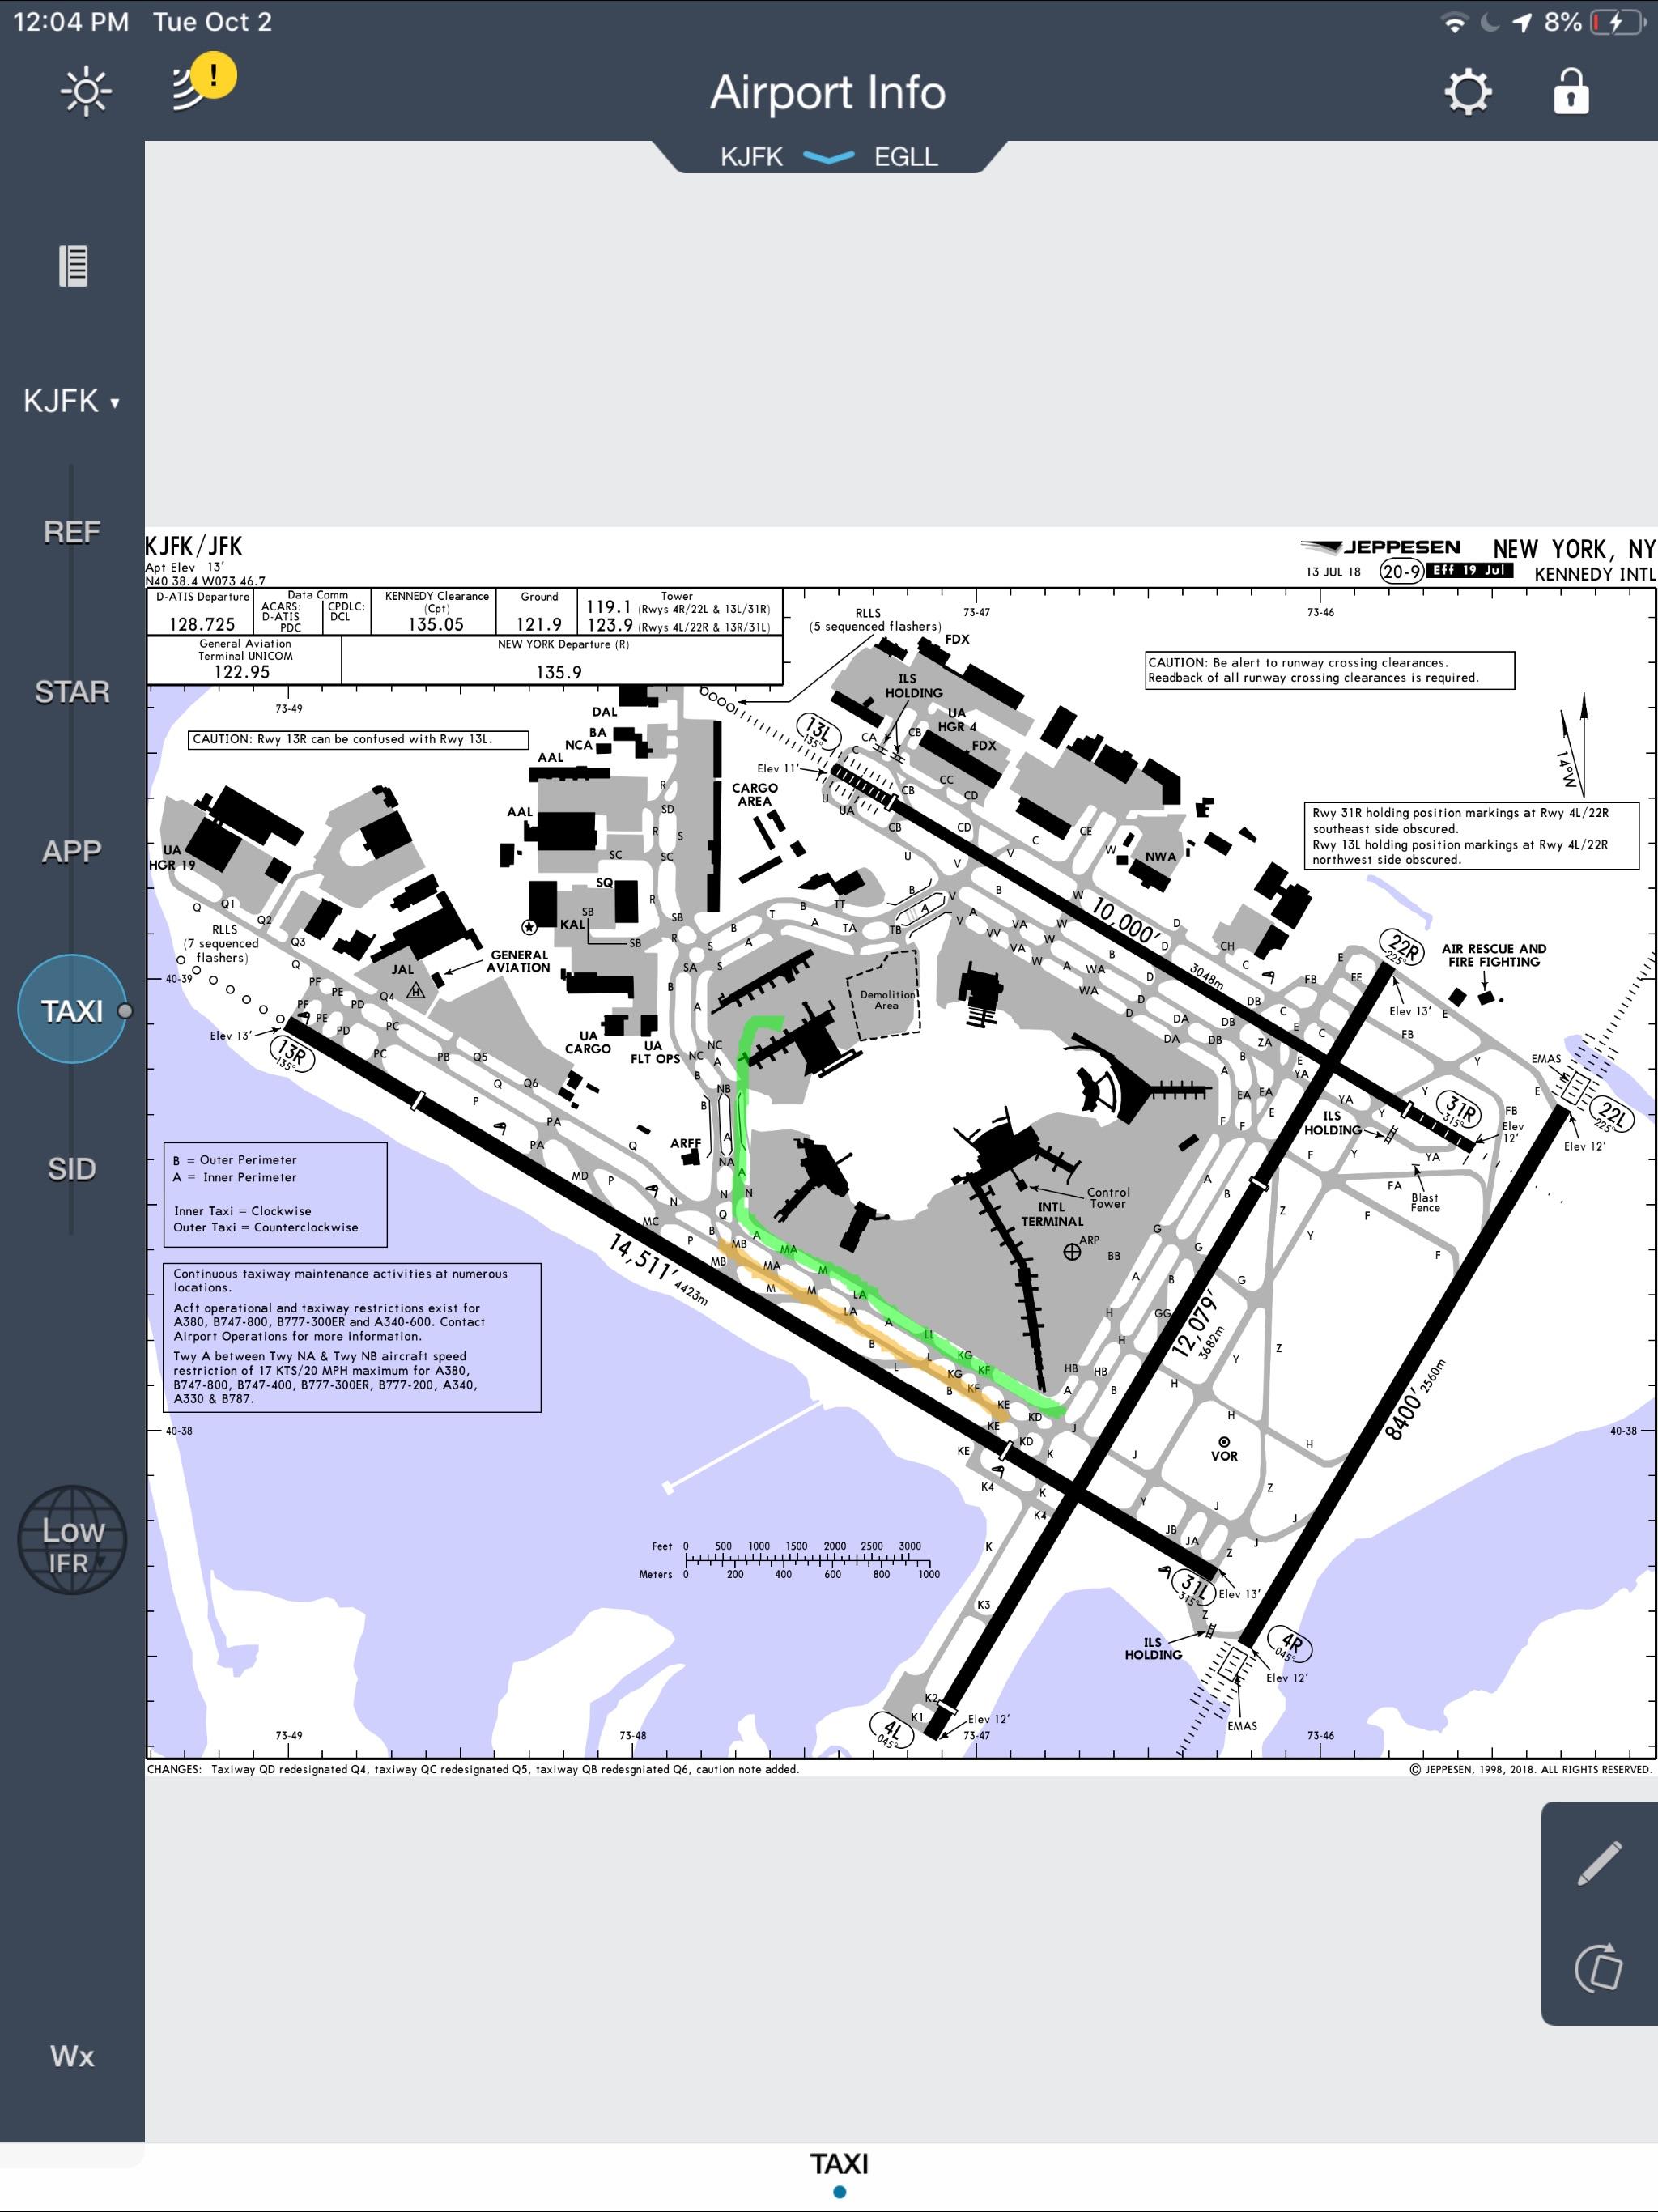 Jeppesen Mobile FD Screenshot